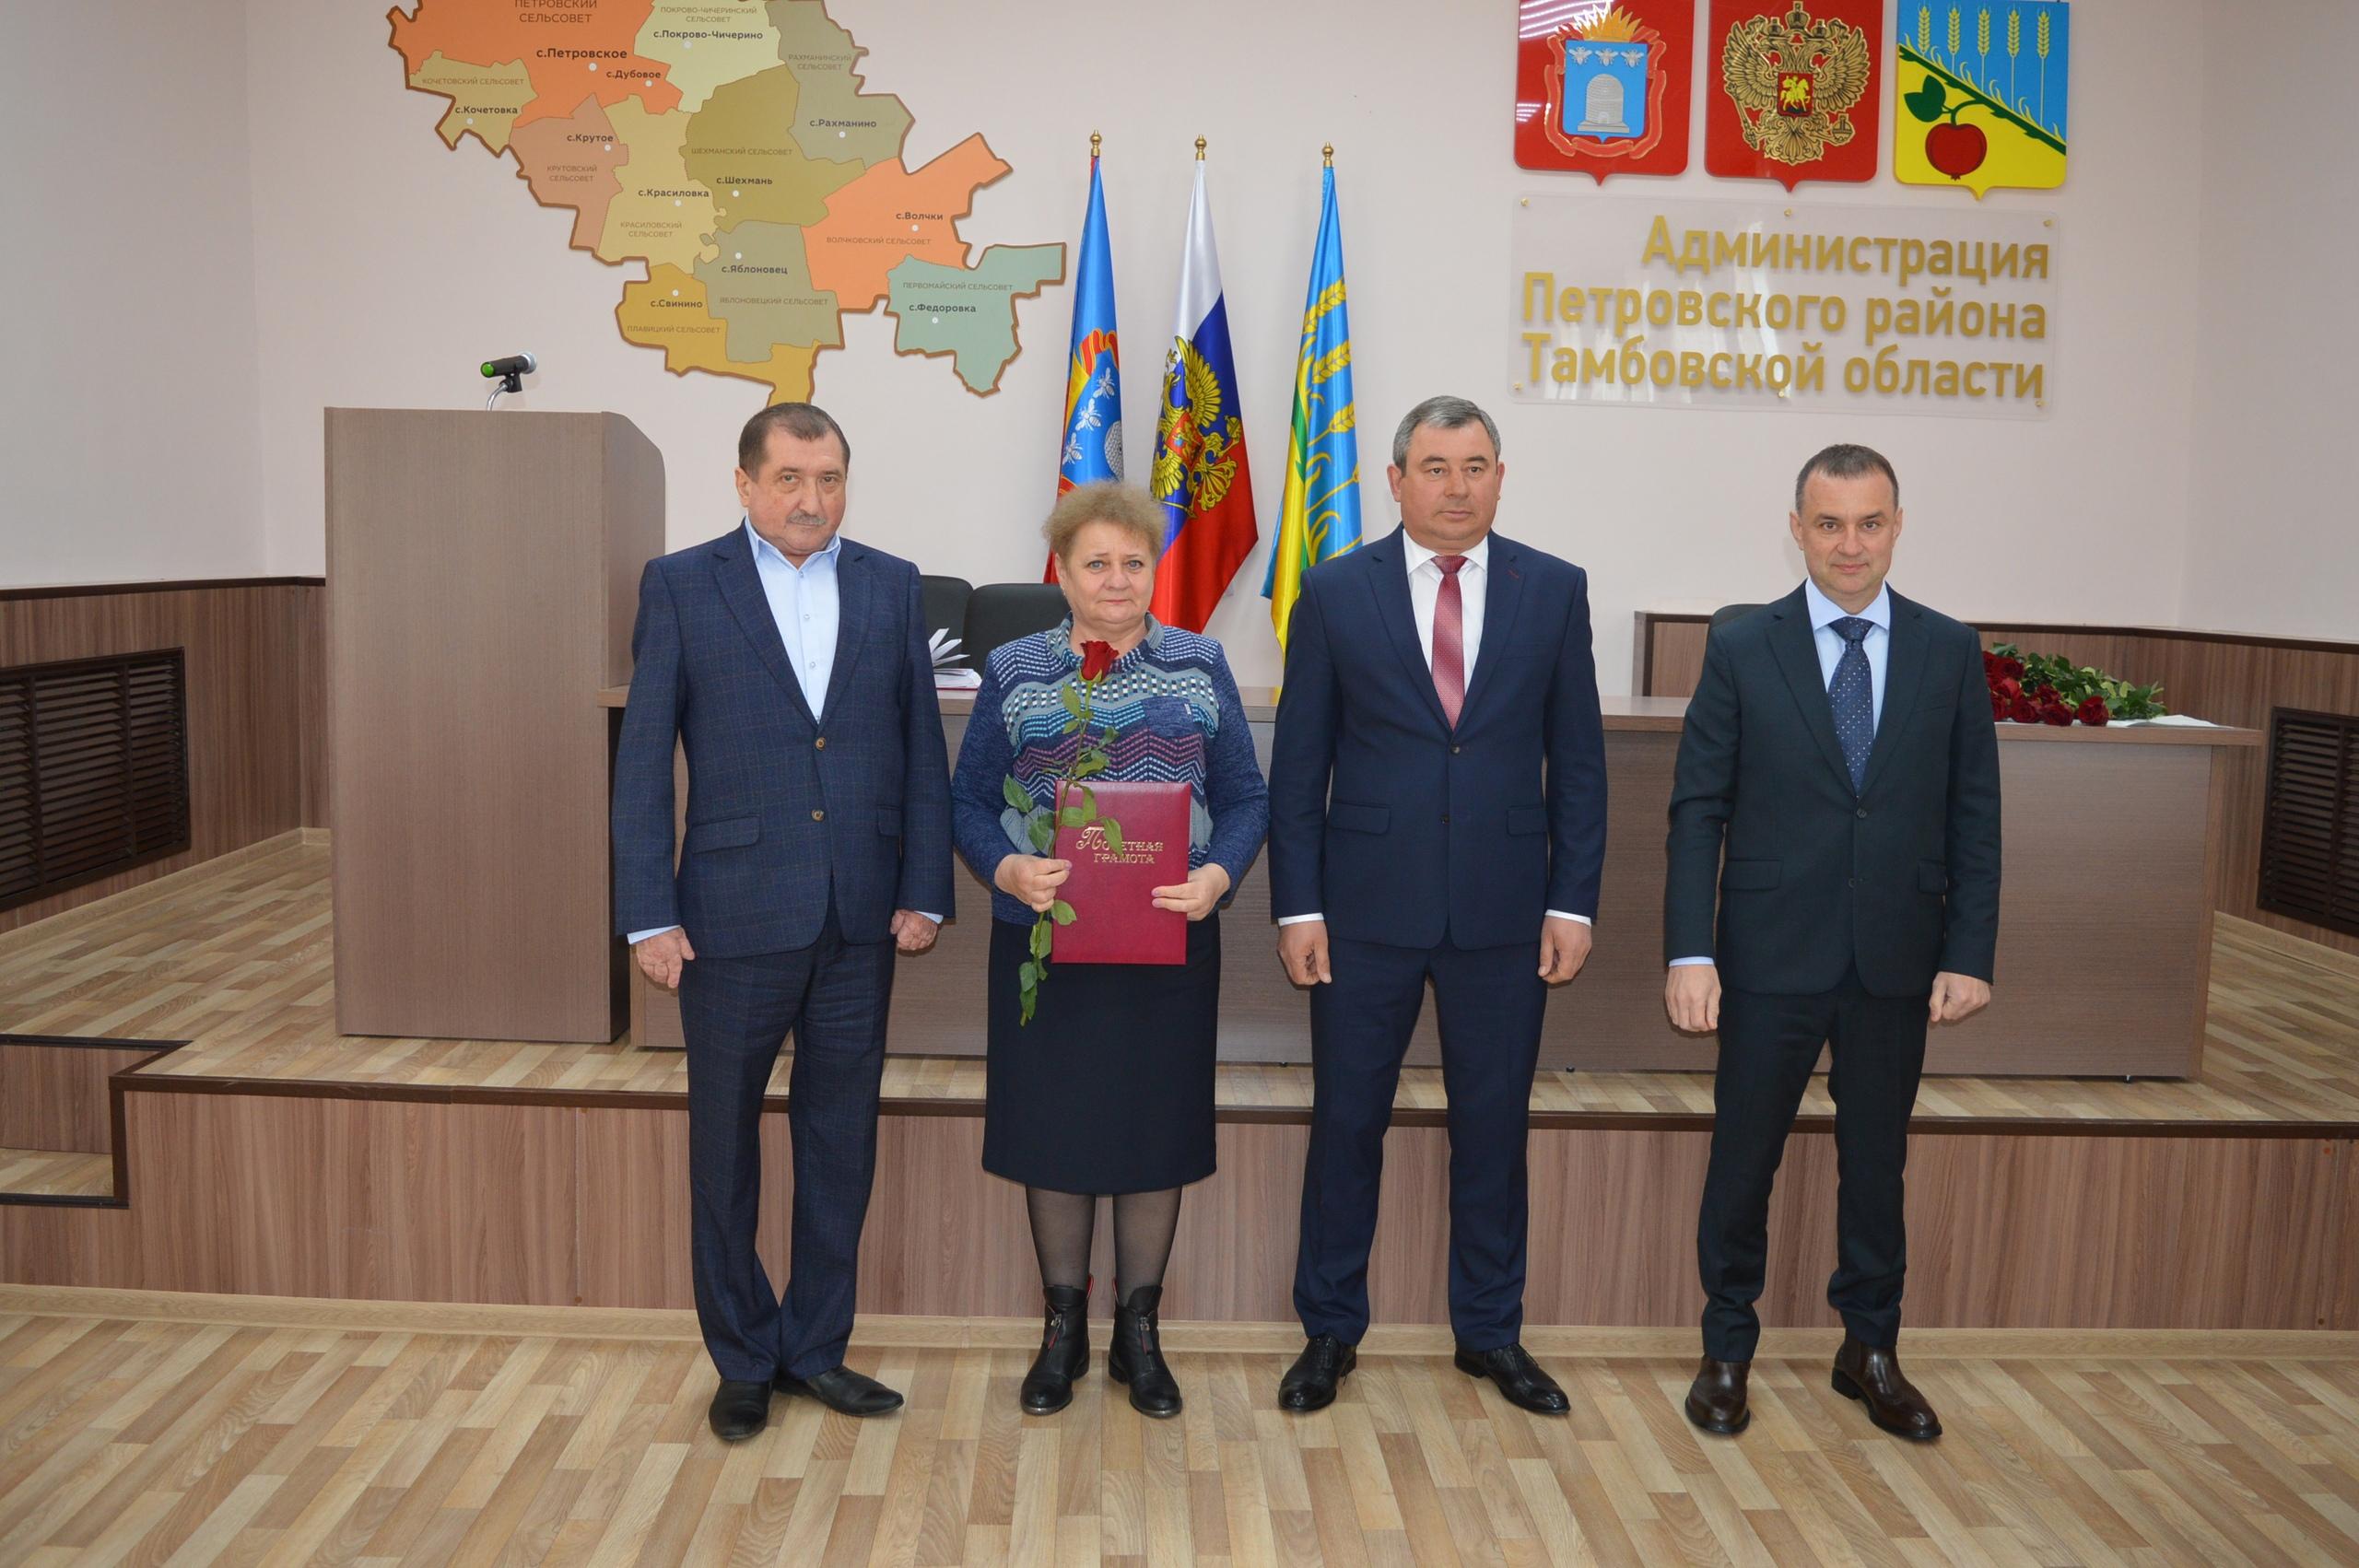 В Петровском районе отметили 25-летие образования районного Совета народных депутатов